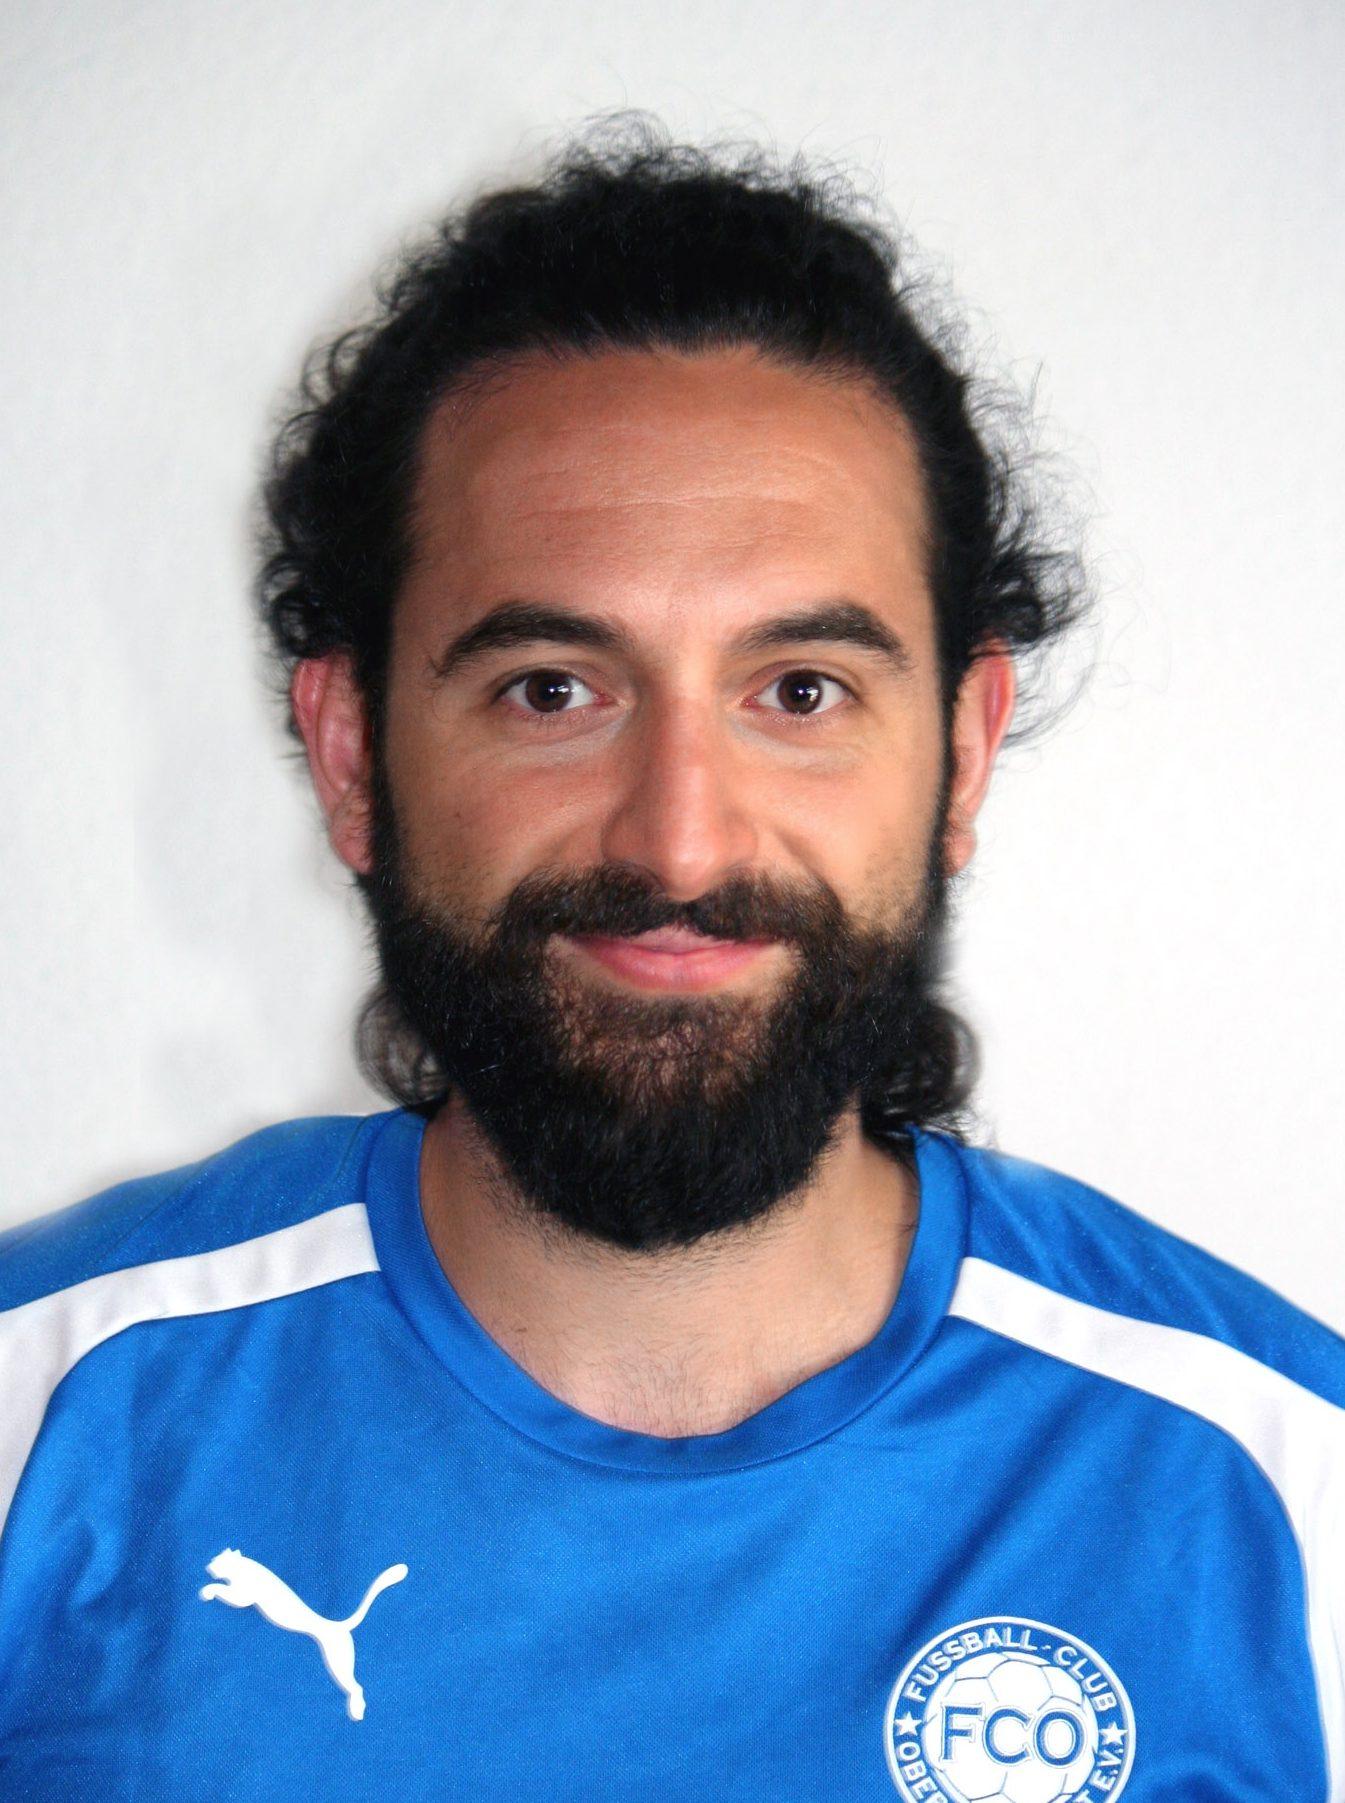 Ibrahim Ciftciler